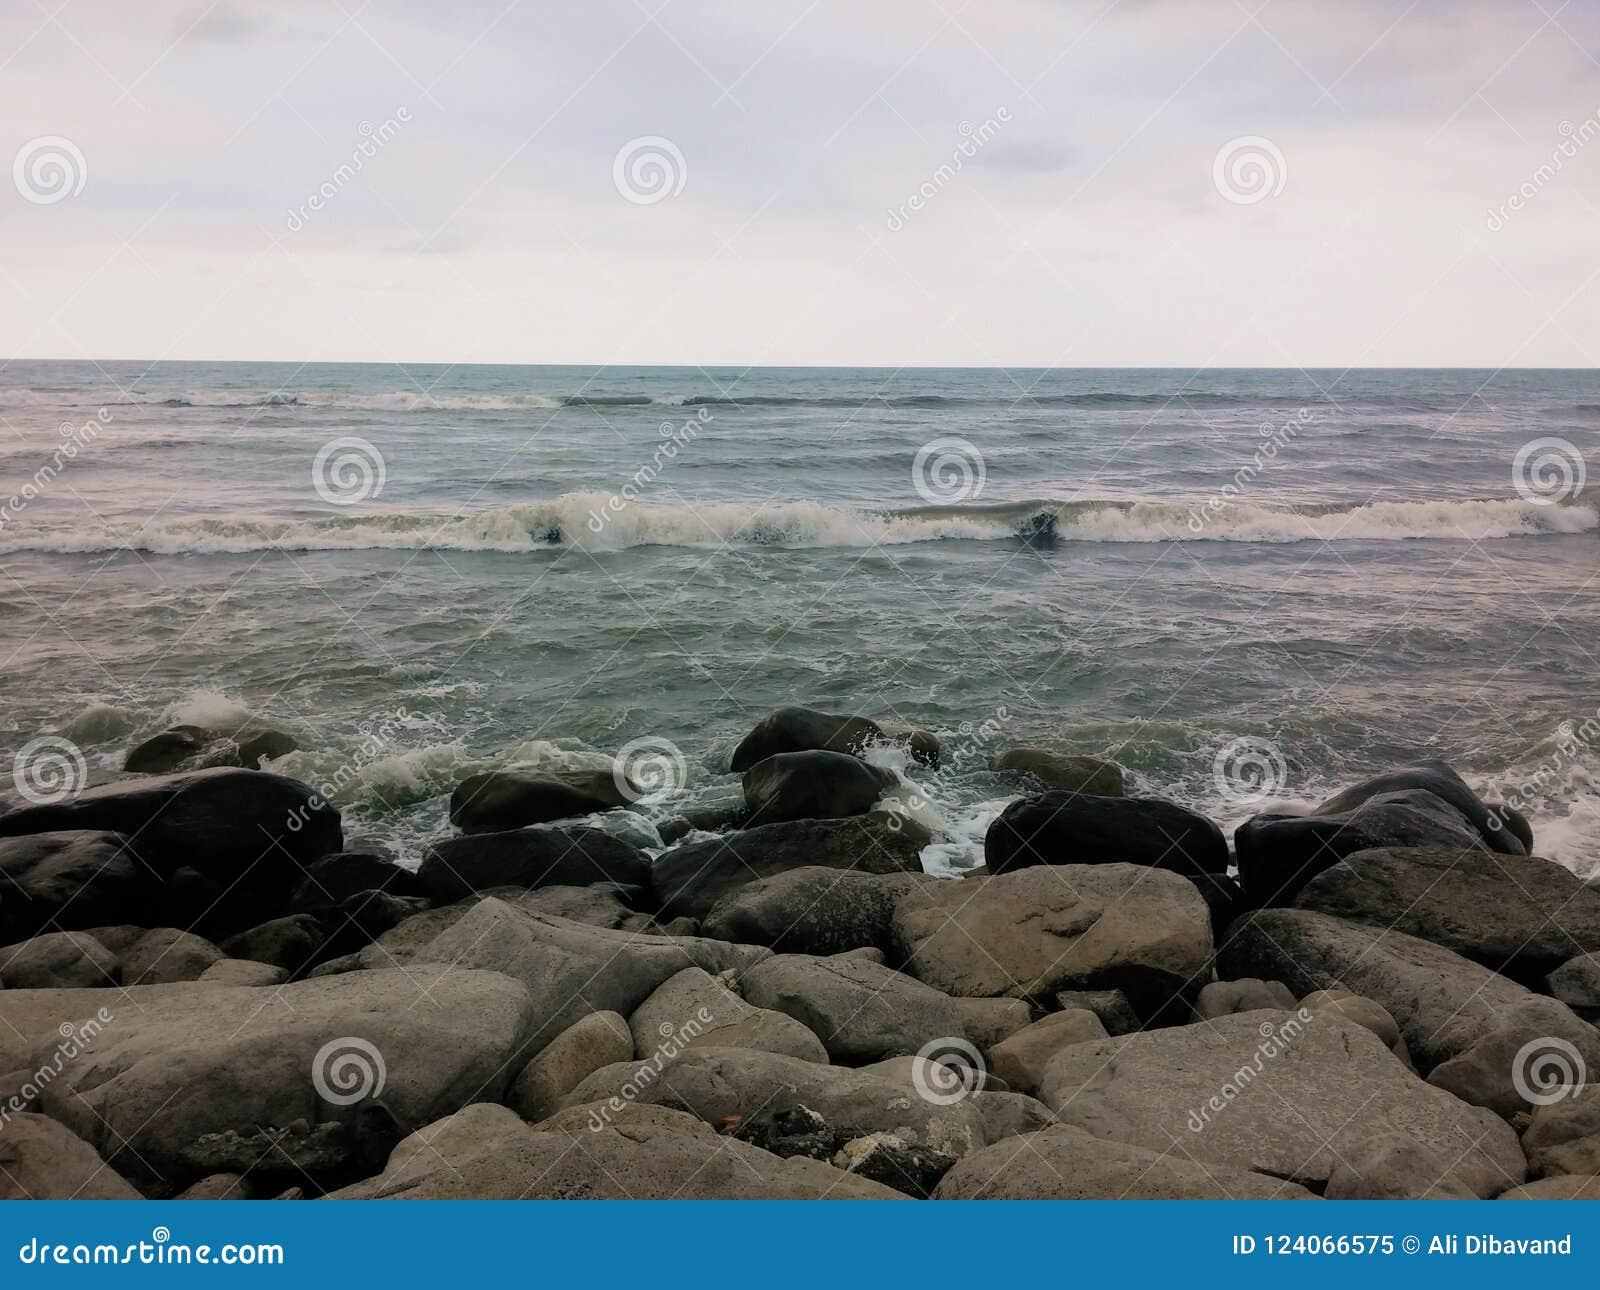 Beautiful Shore of Caspian Sea